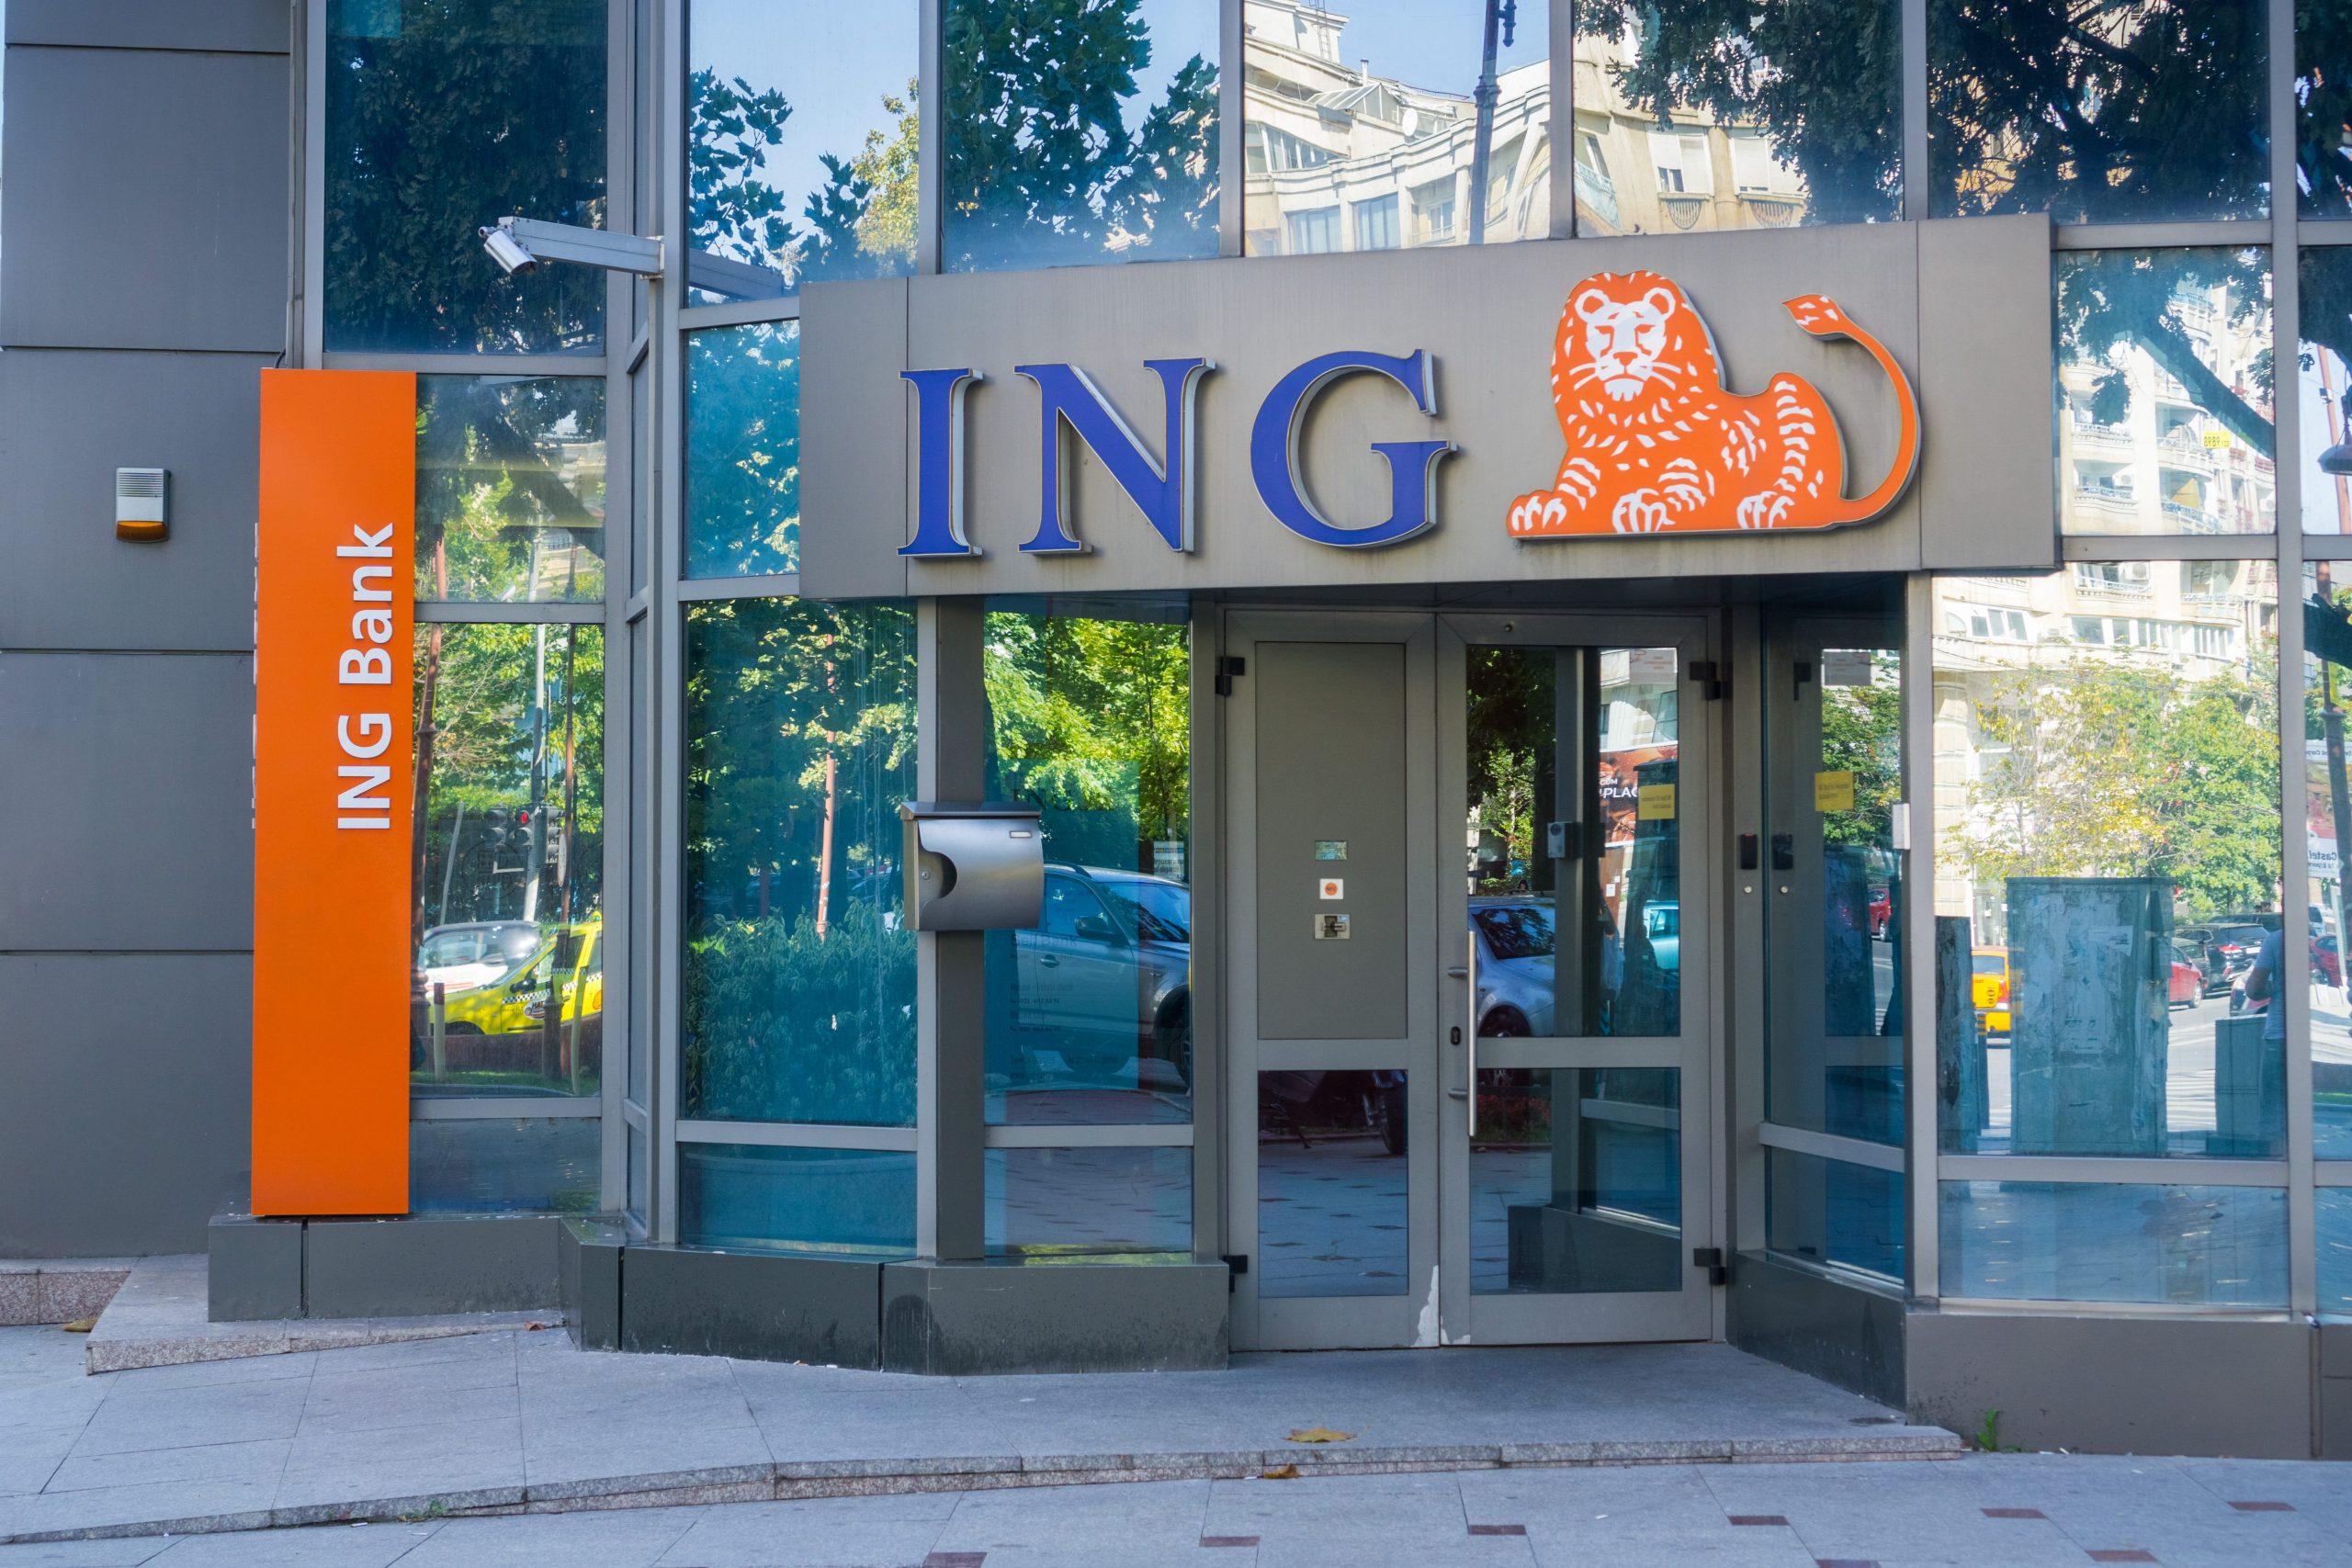 Lovitură pentru clienții ING. Informatii utile despre frauda cu plata facturilor